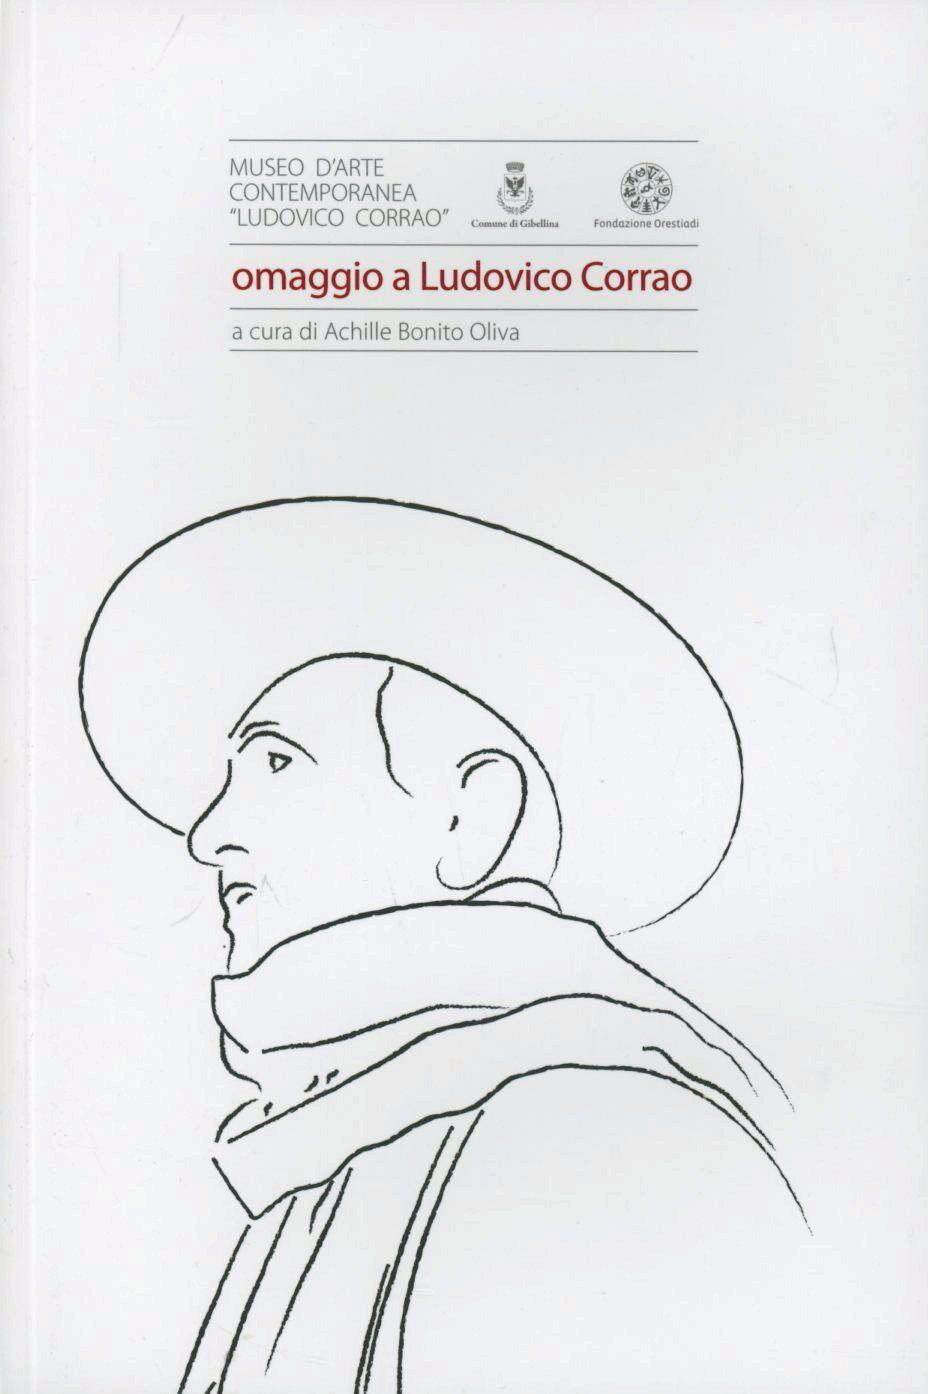 Omaggio a Ludovico Corrao